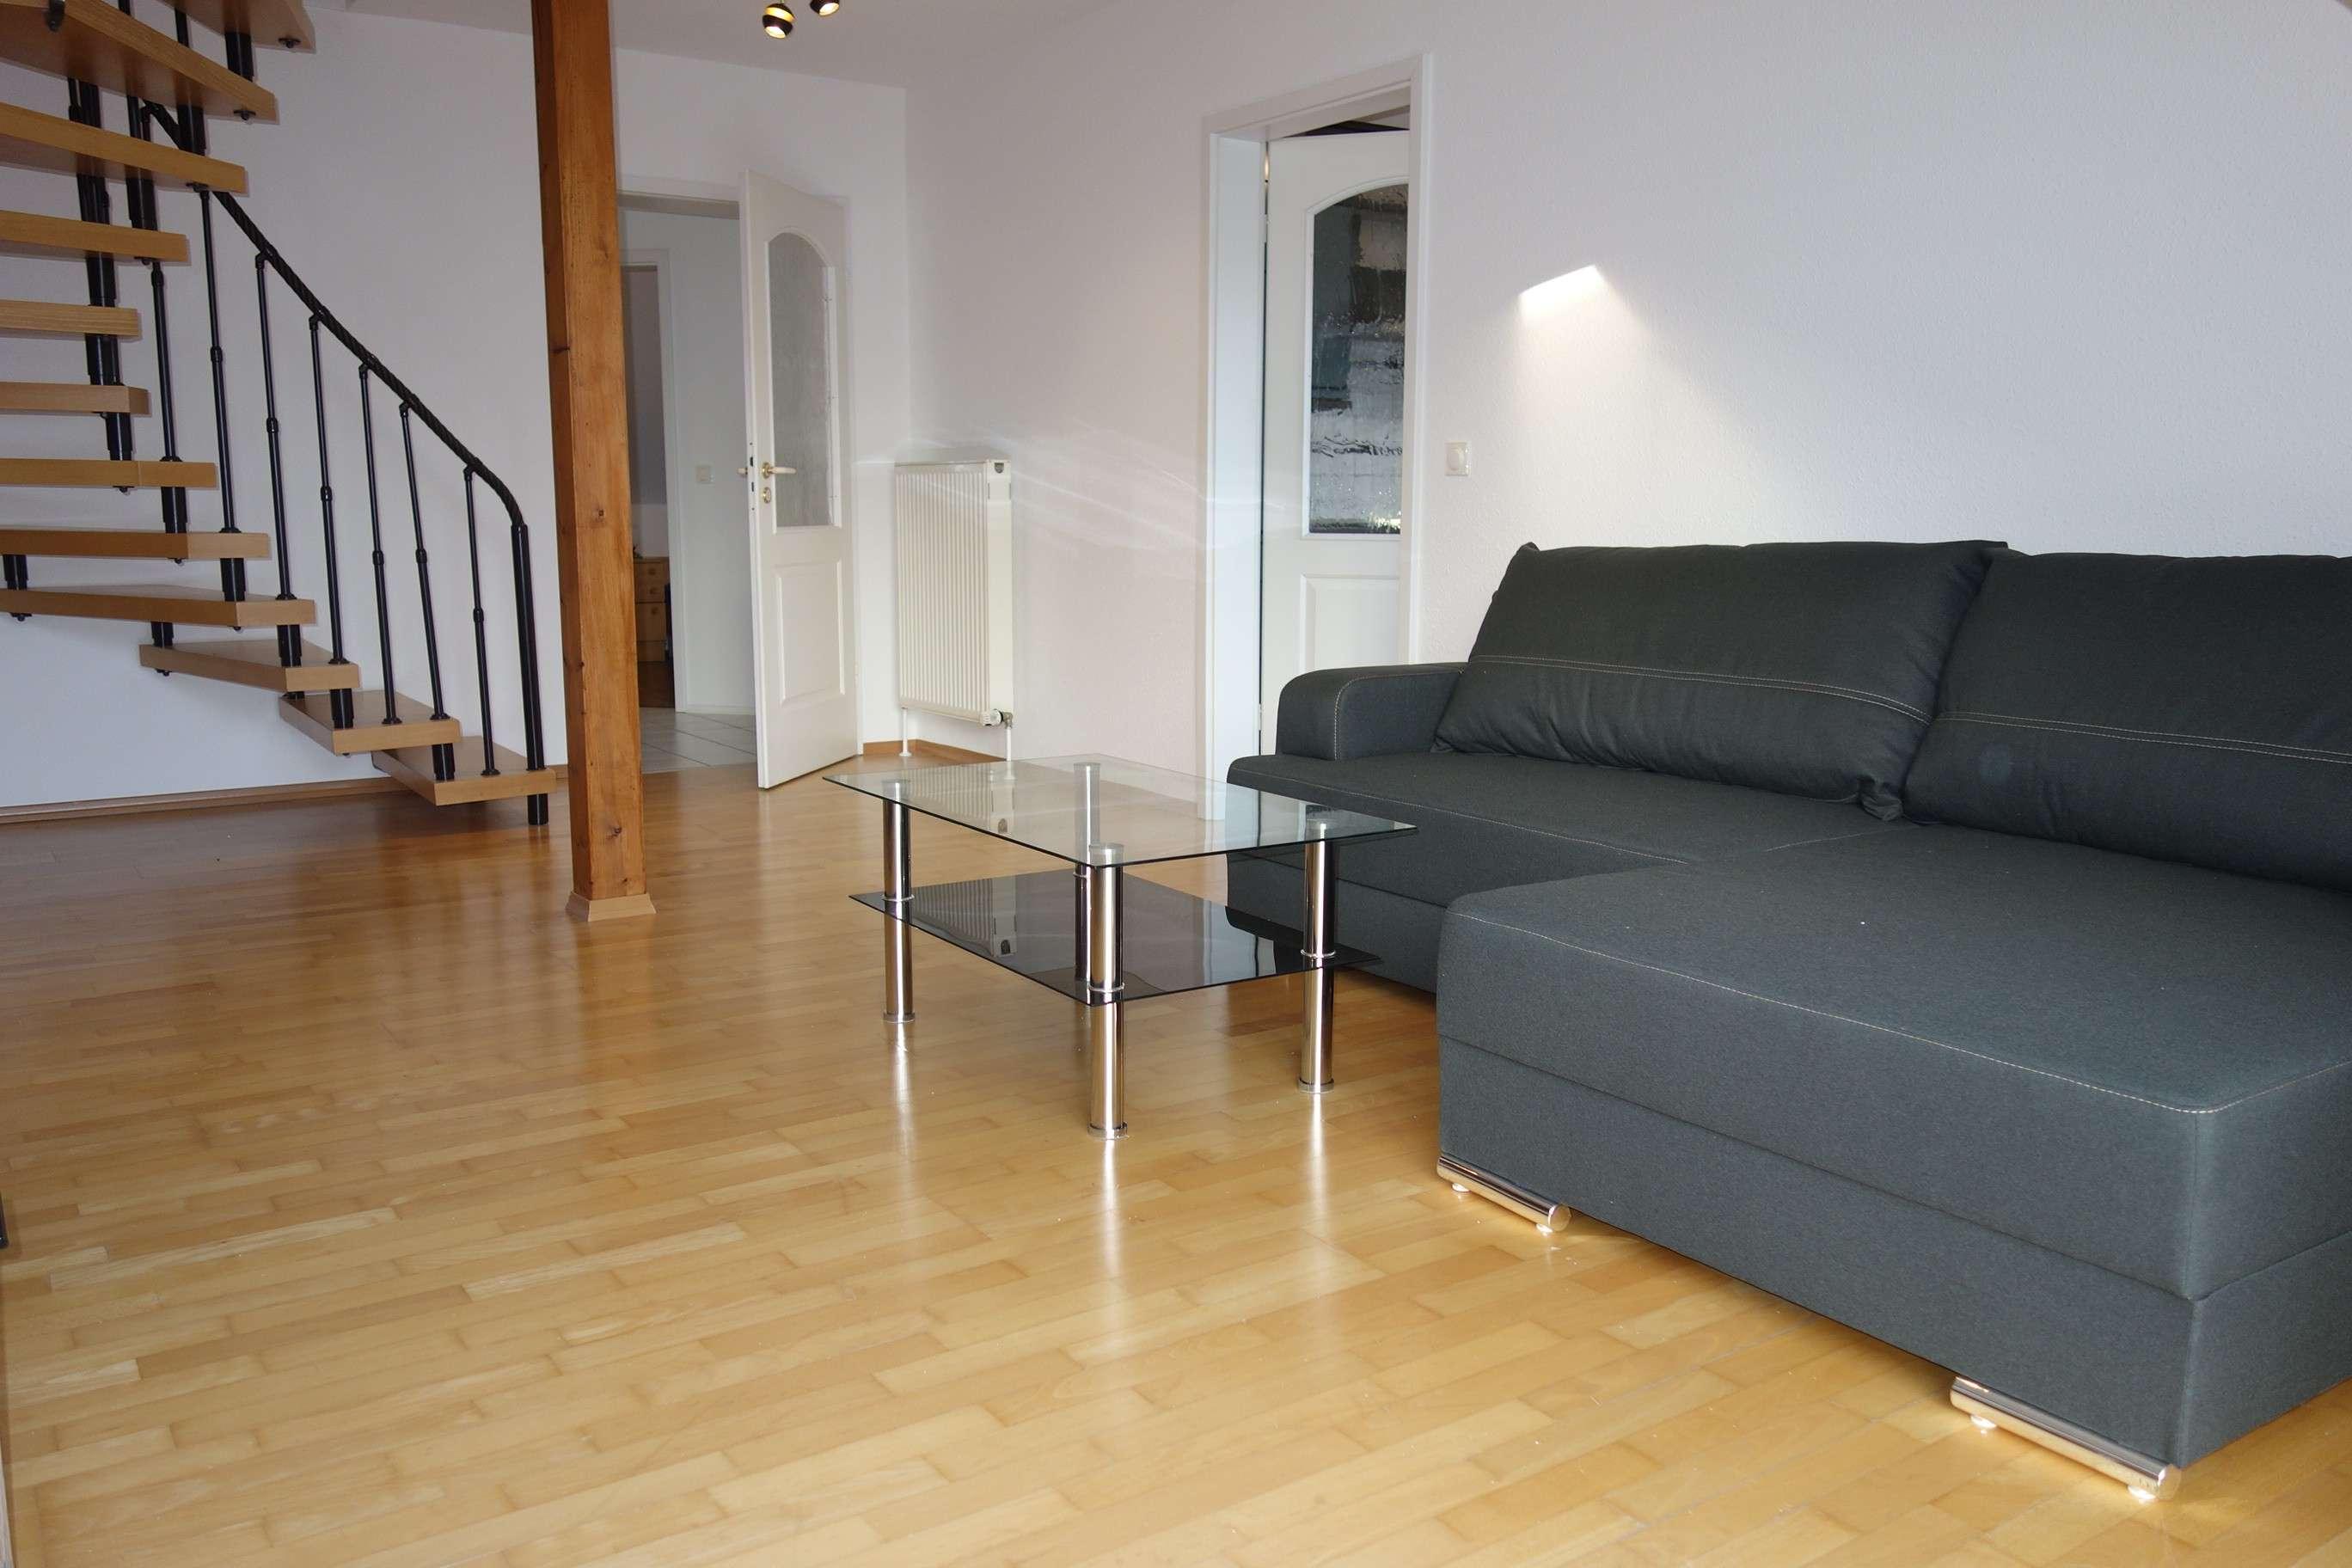 Schöne MÖBLIERTE 3 Zimmer Wohnung in Passau (Kreis), Fürstenzell, Erstbezug nach Sanierung in Fürstenzell